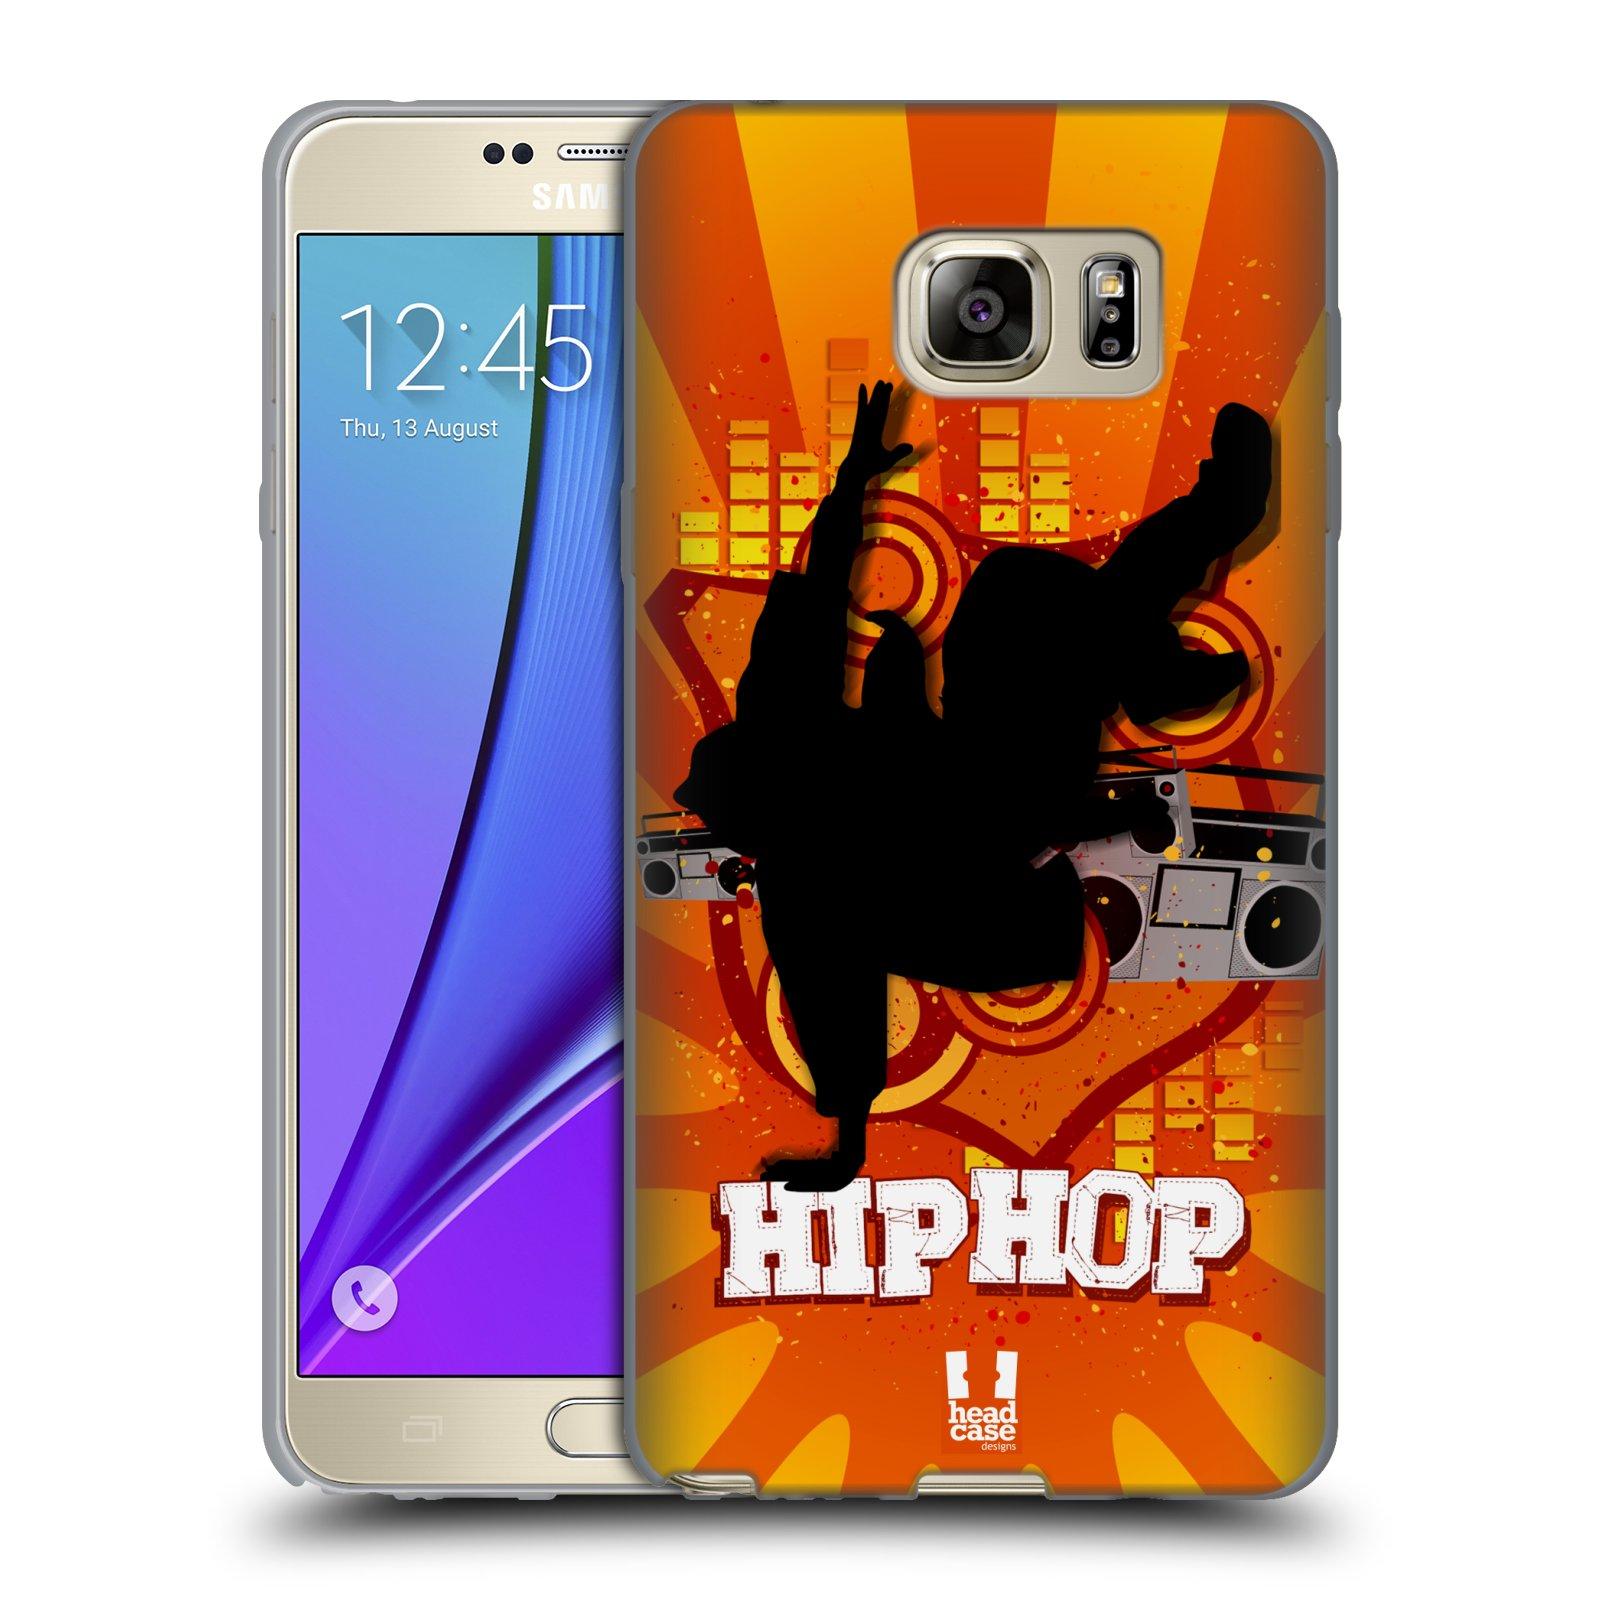 HEAD CASE silikonový obal na mobil Samsung Galaxy Note 5 (N920) vzor TANEC SILUETA HIP HOP